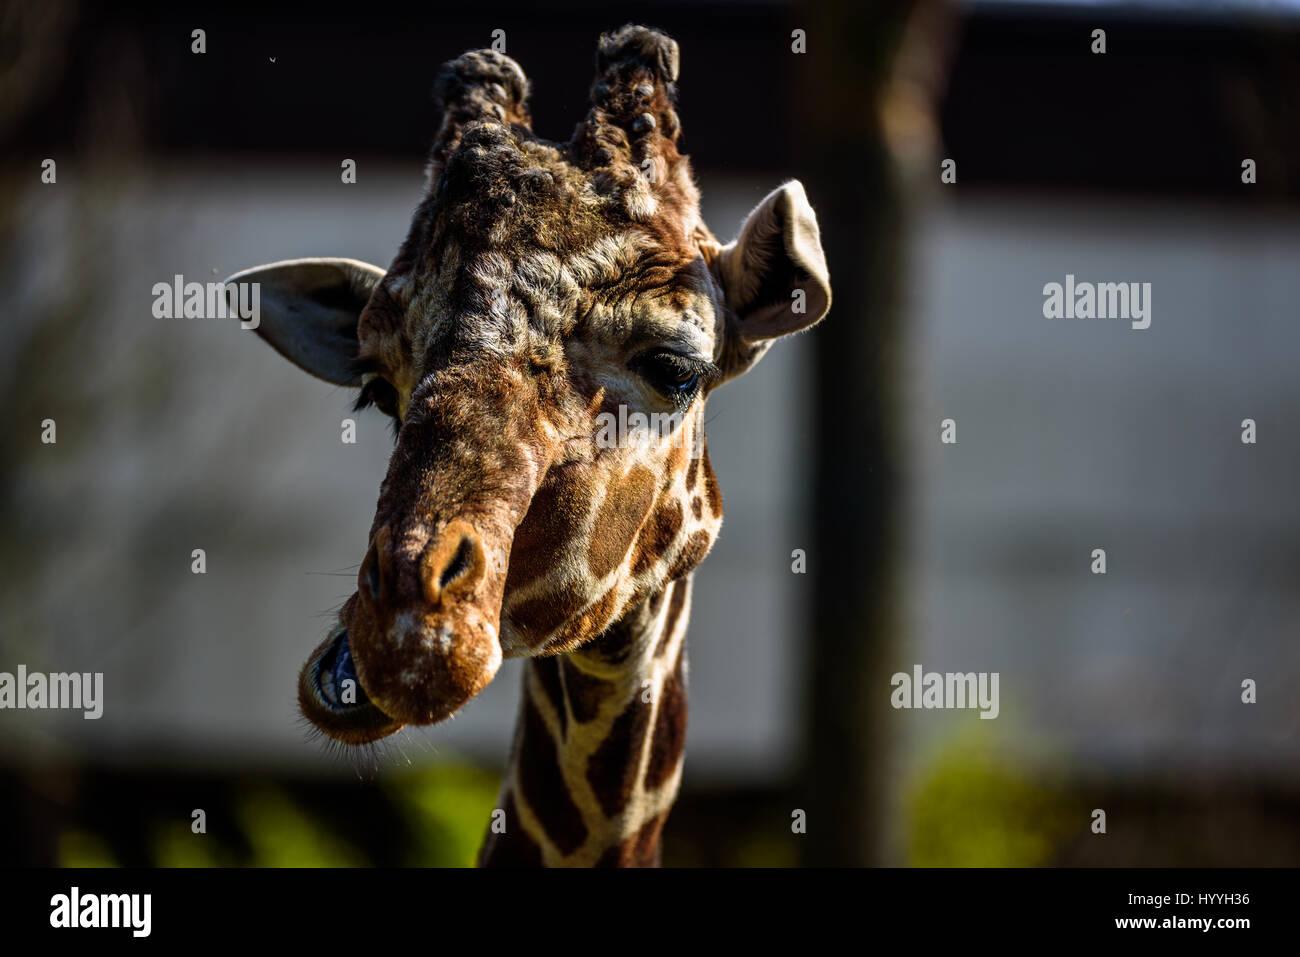 Funny Giraffe Cartoon Stockfotos & Funny Giraffe Cartoon Bilder ...